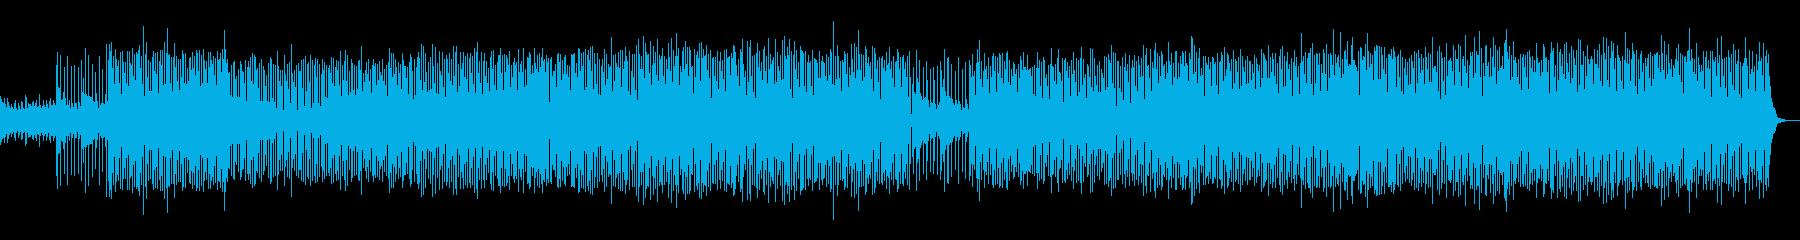 軽快アコースティックバンド・明るい・軽快の再生済みの波形